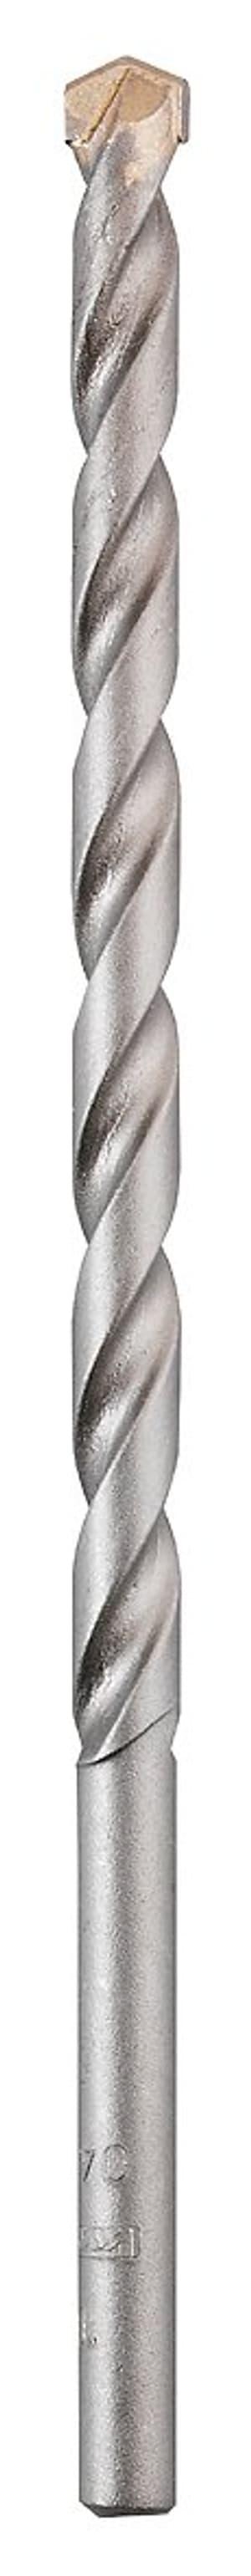 Mauerdurchbruchbohrer, 400 mm, ø 6 mm